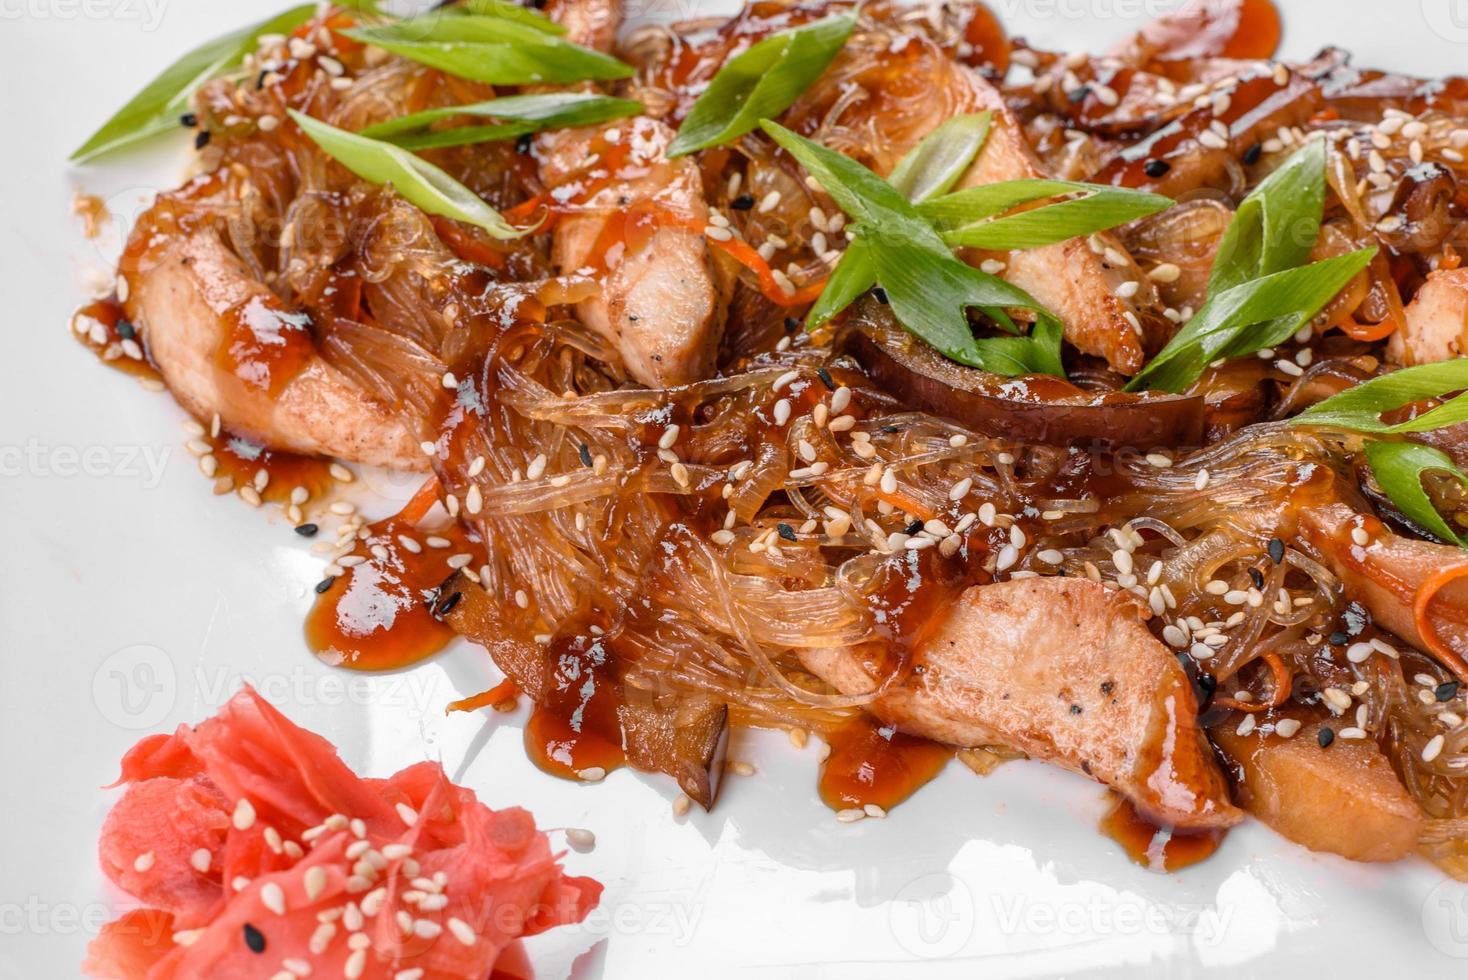 delicioso udon fresco con pollo y fideos de arroz con especias y verduras foto